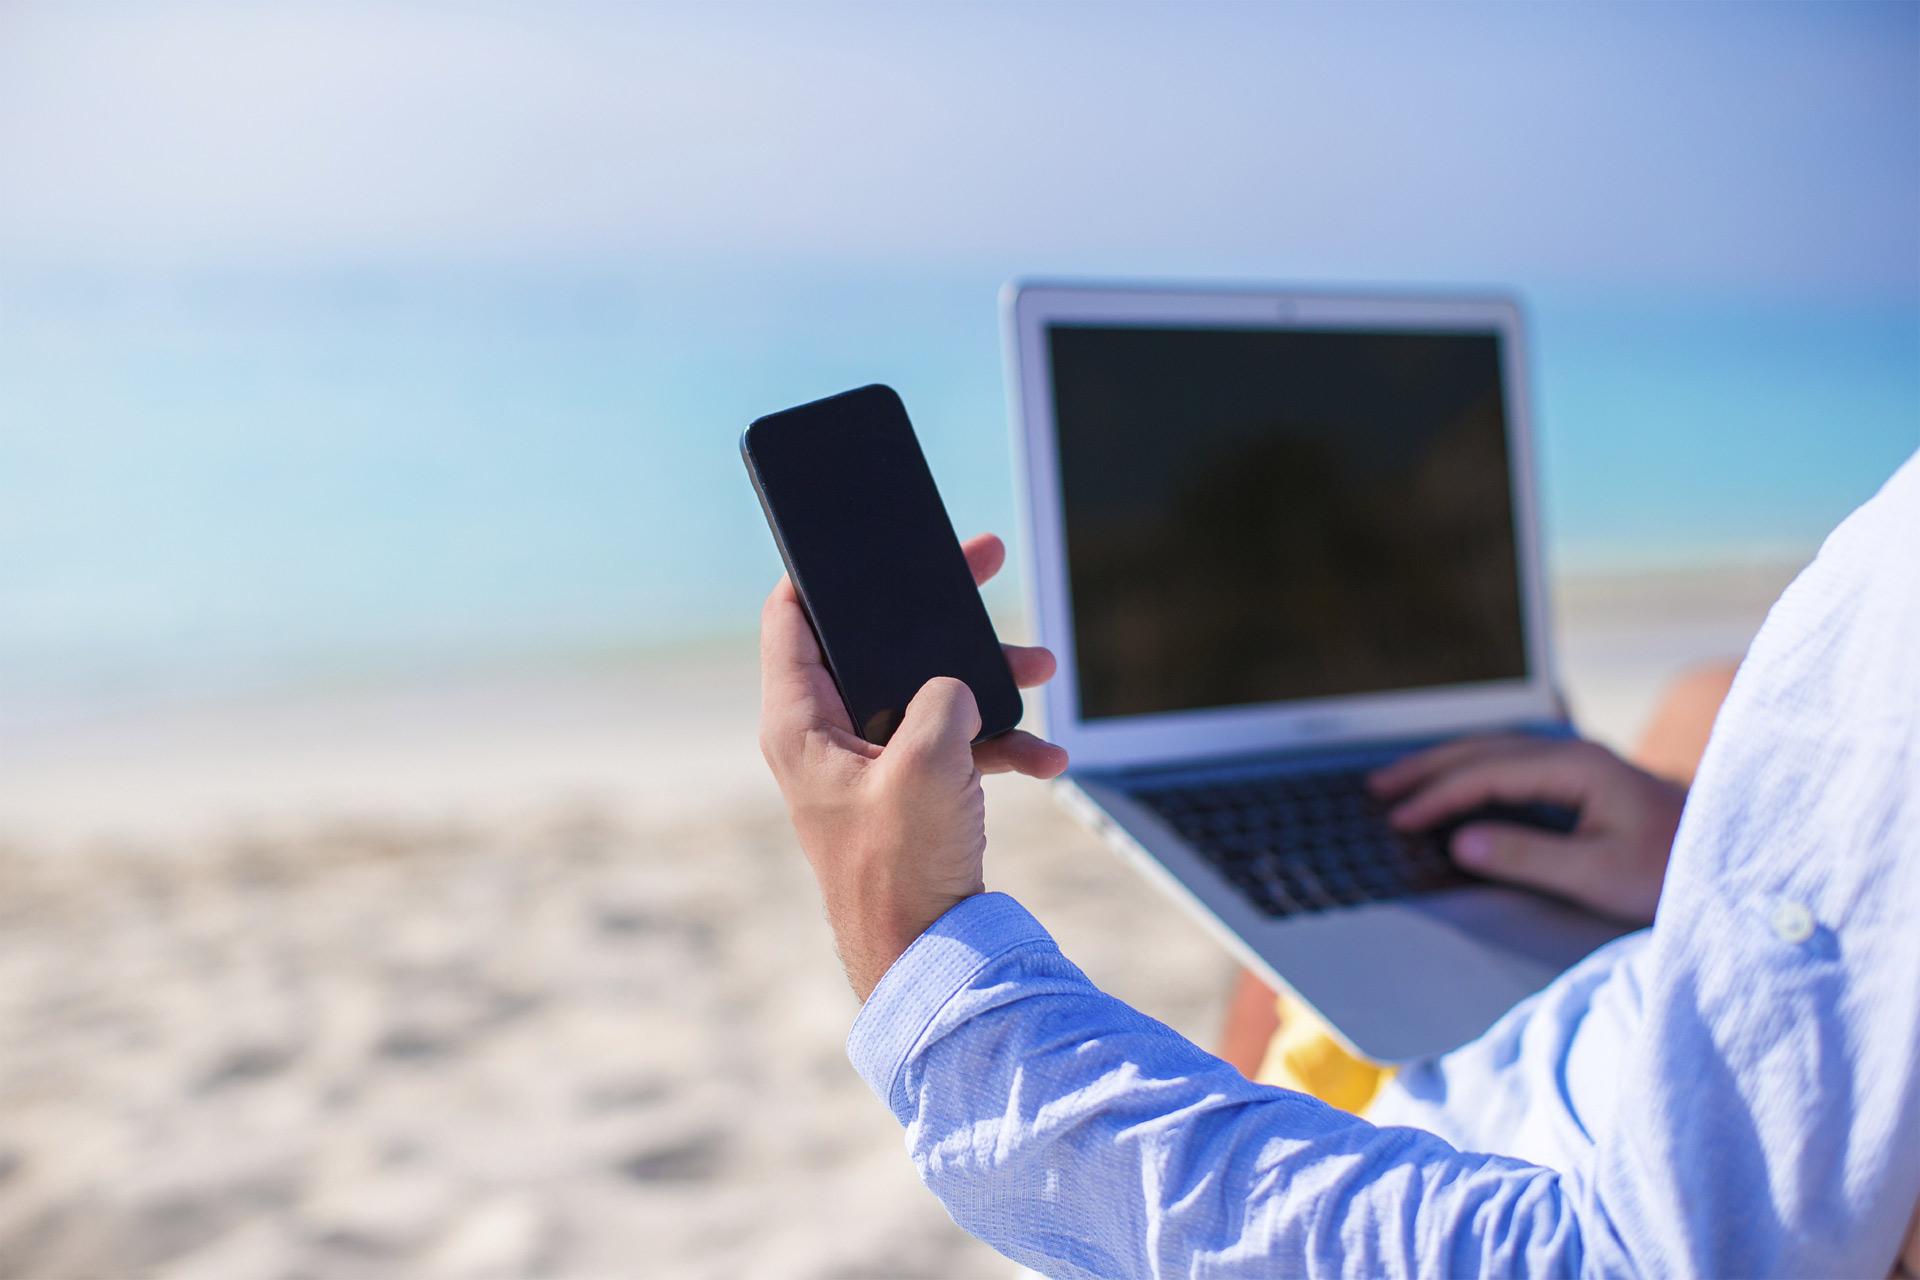 Con este tipo de descanso puede ocurrir que los empleados se tomen menos vacaciones para causar buena impresión